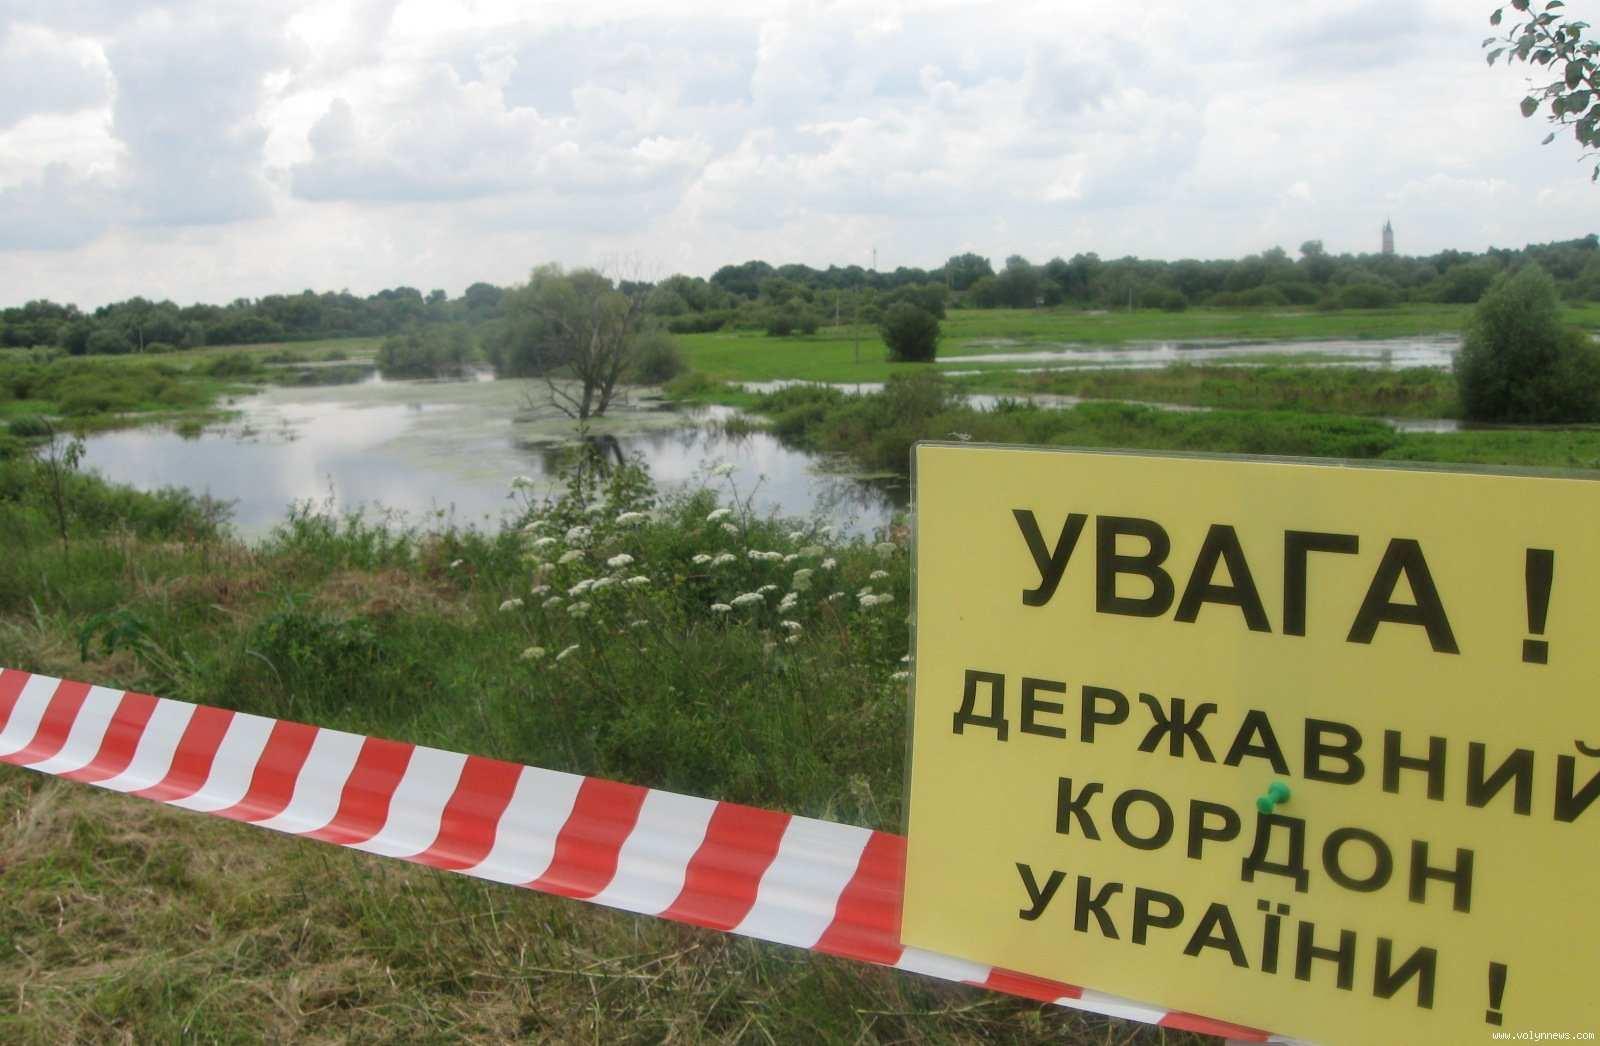 Украина обвинила похищенных спецслужбами российских военных внарушении госграницы | Русская весна